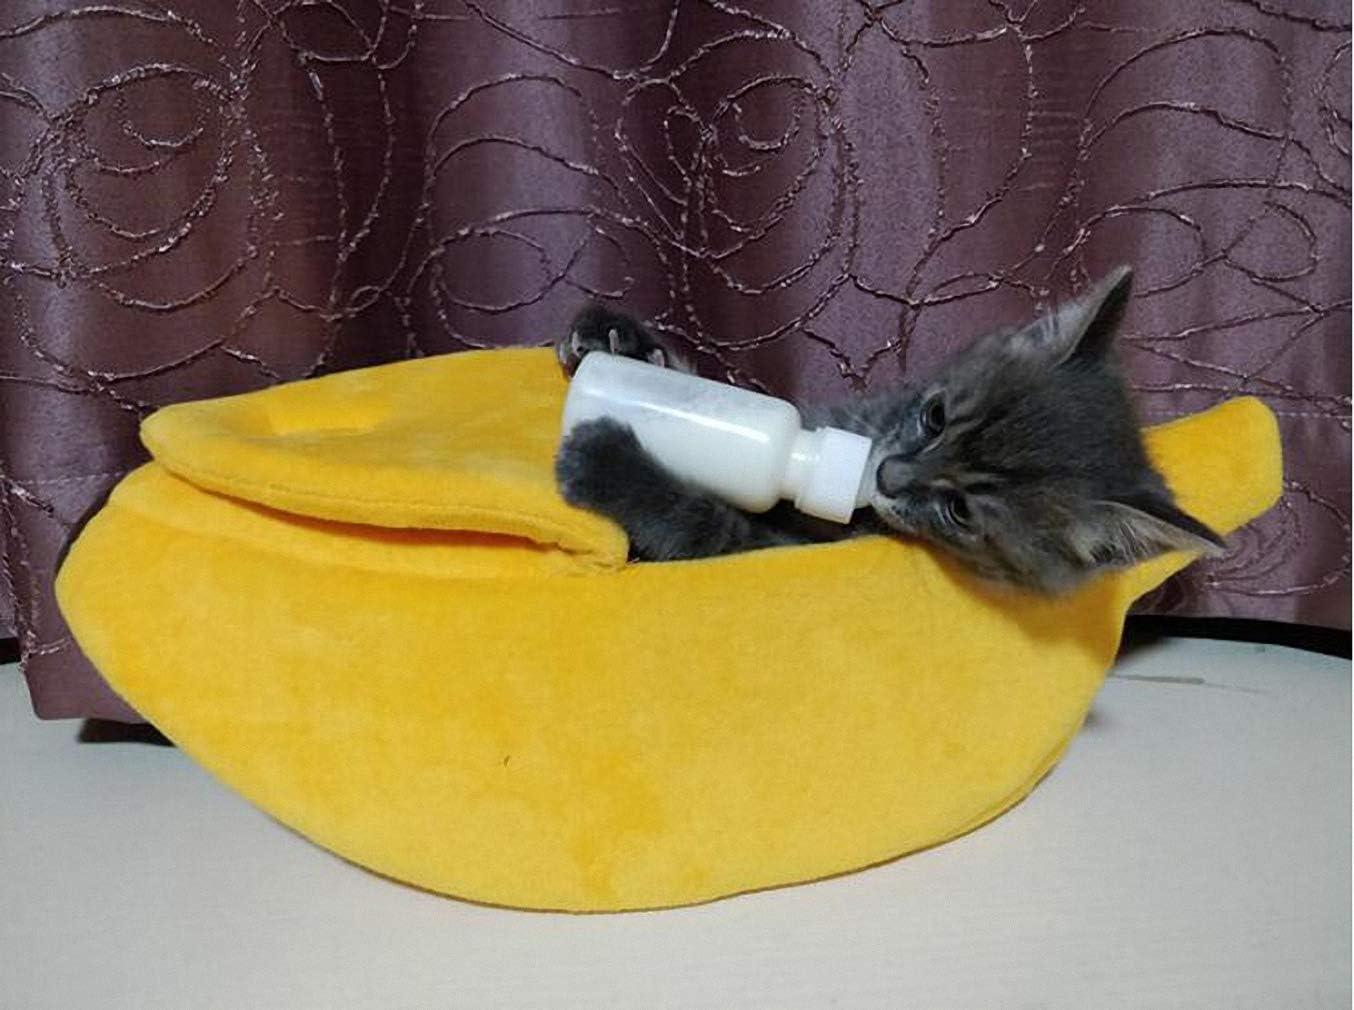 Suave Y C/ómoda para Mascotas Cuna para Gatos Mascotas Peque/ñas Mascota del Gato Cama Haolv Linda Cueva En Forma De Pl/átano